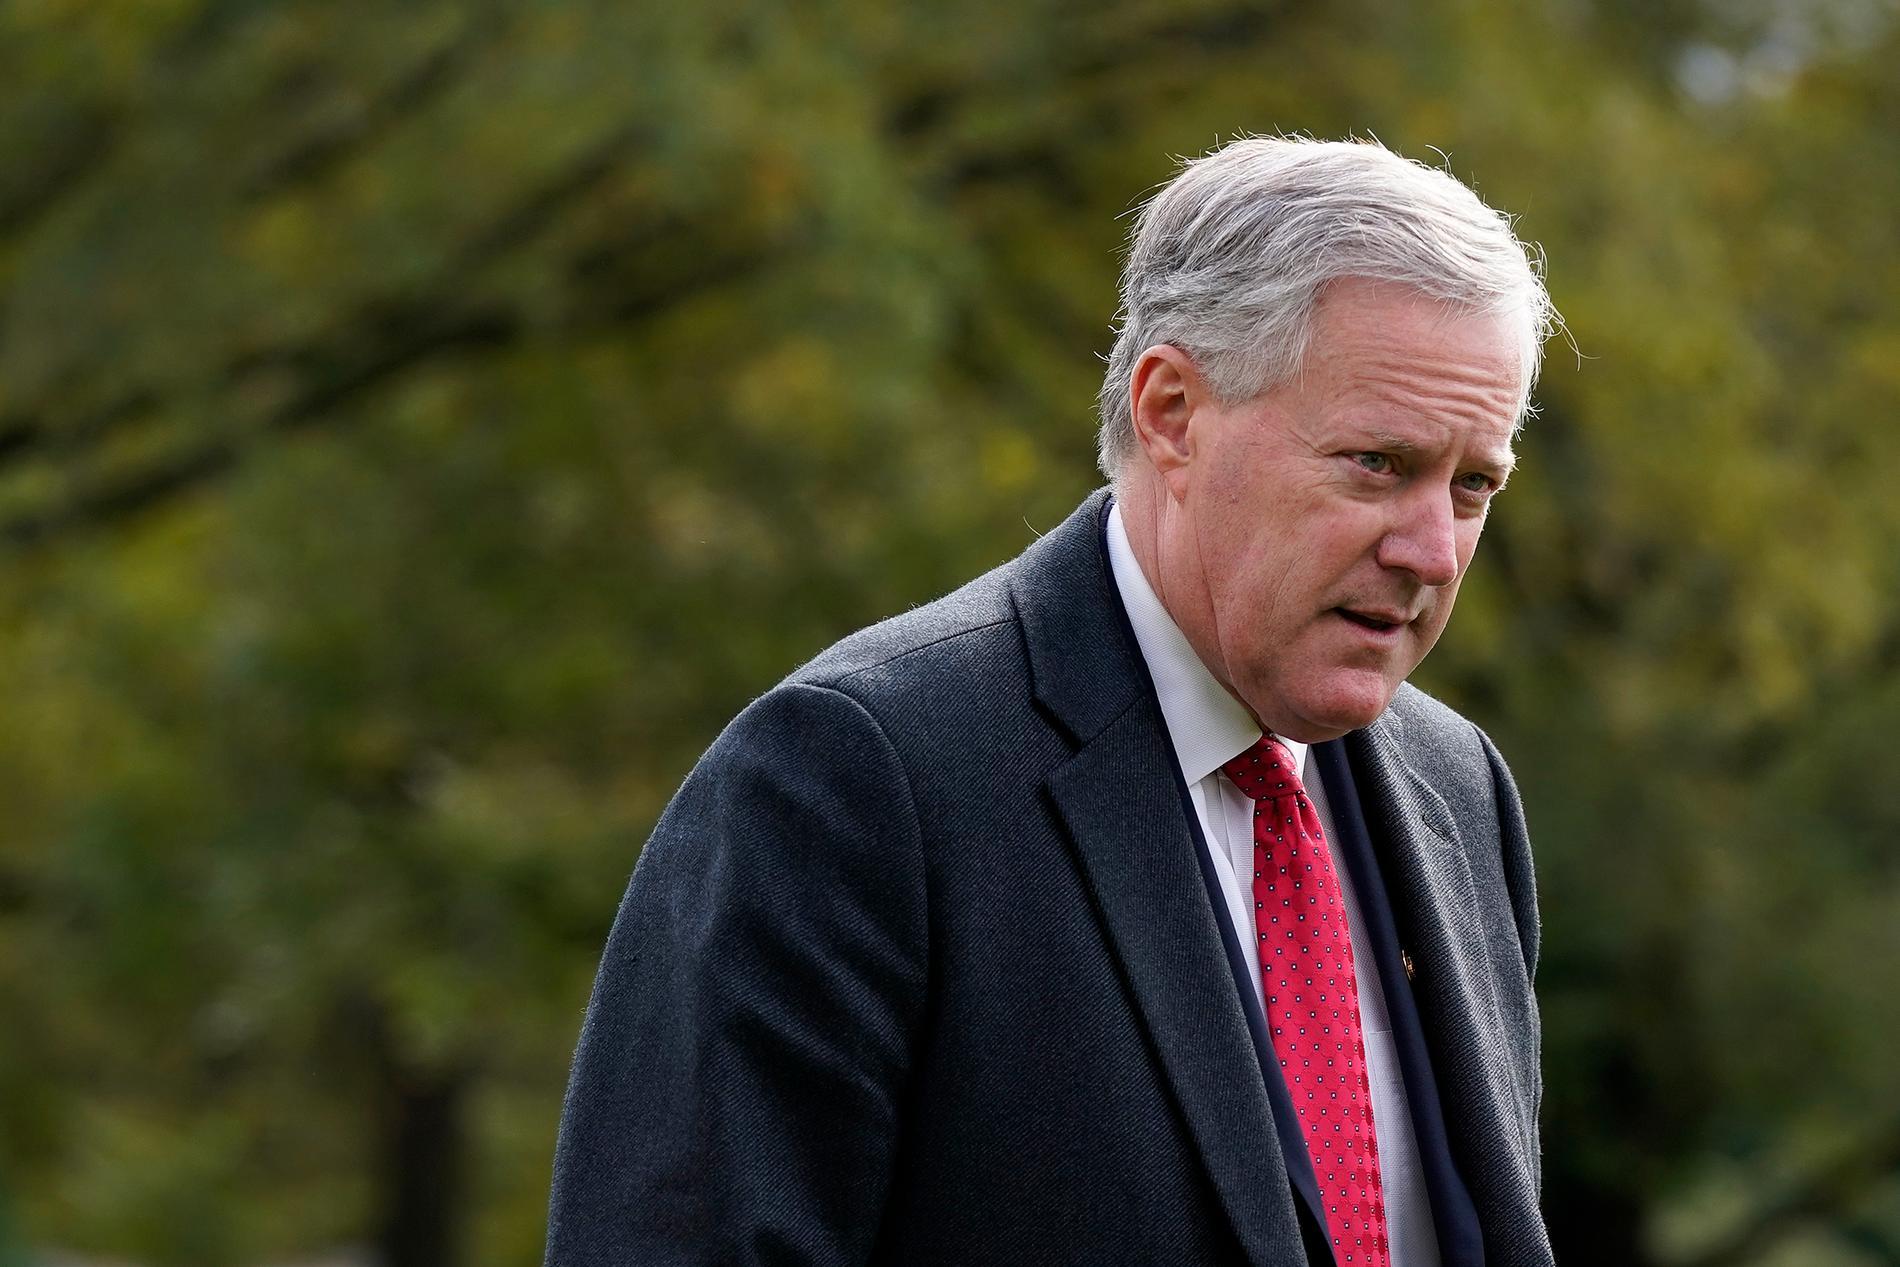 Vita husets dåvarande stabschef Mark Meadows kallas som vittne i representanthusets utredning om stormningen av Kapitolium den 6 januari. Arkivbild.